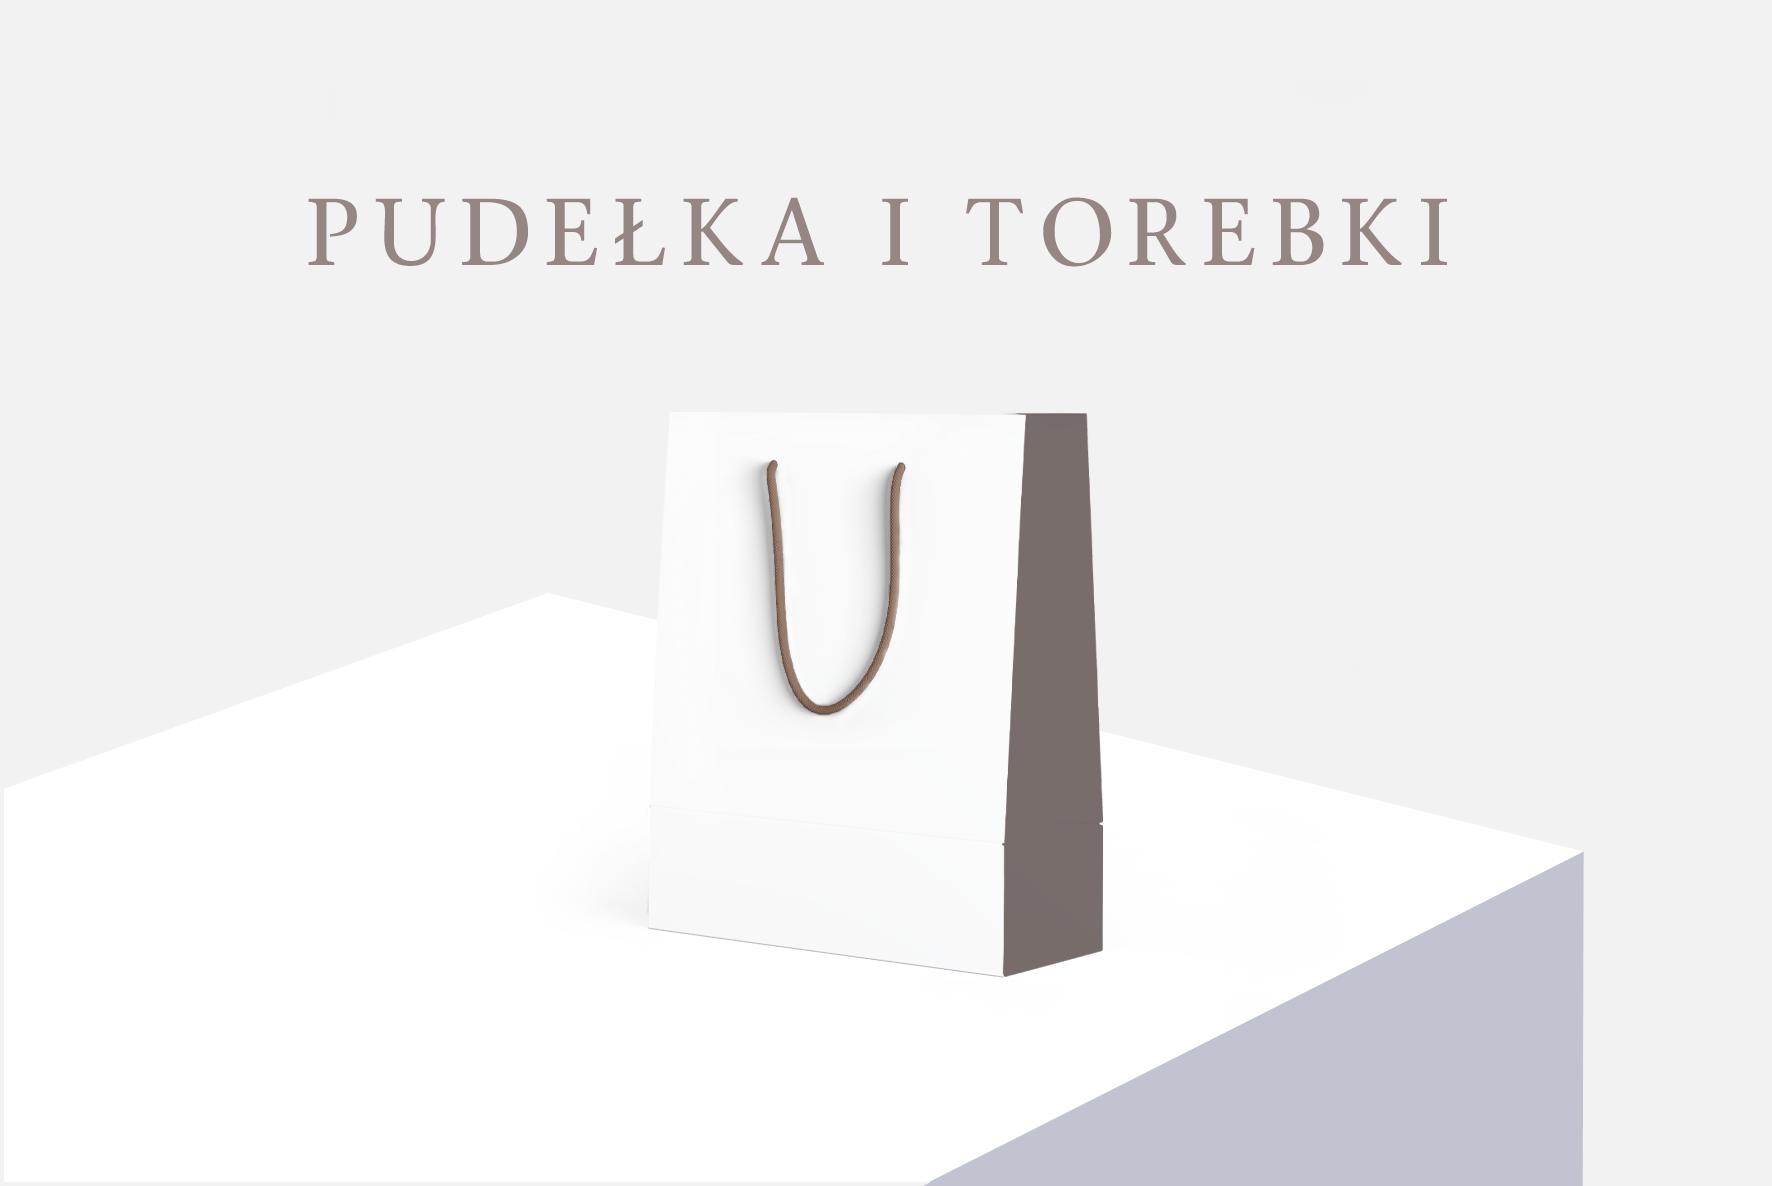 Pudełka i torebki